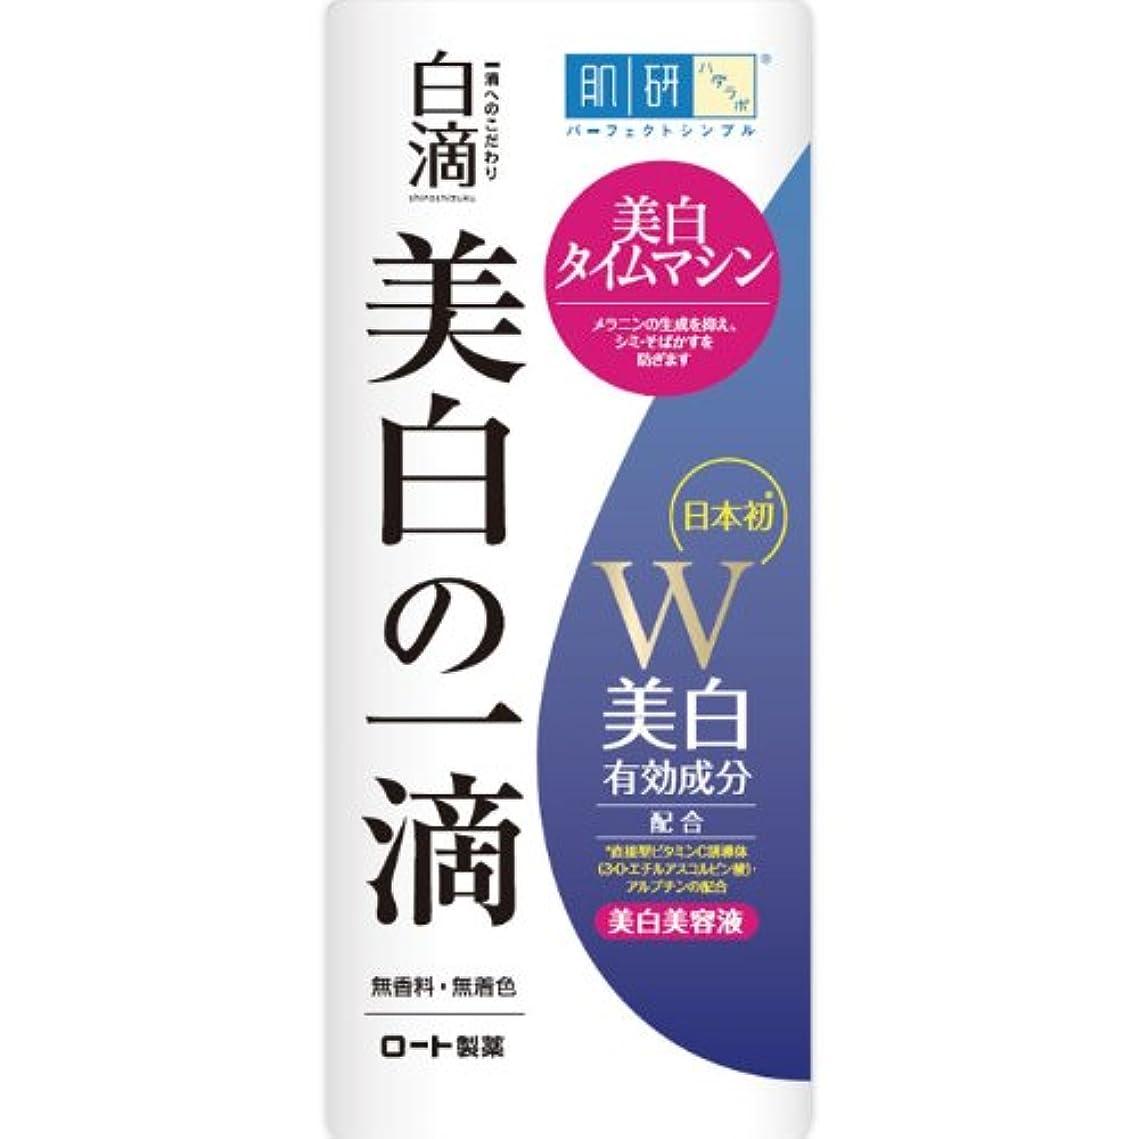 カウント効能ある葉【医薬部外品】肌研(ハダラボ) 白滴 (シロシズク) 美白の一滴 45mL